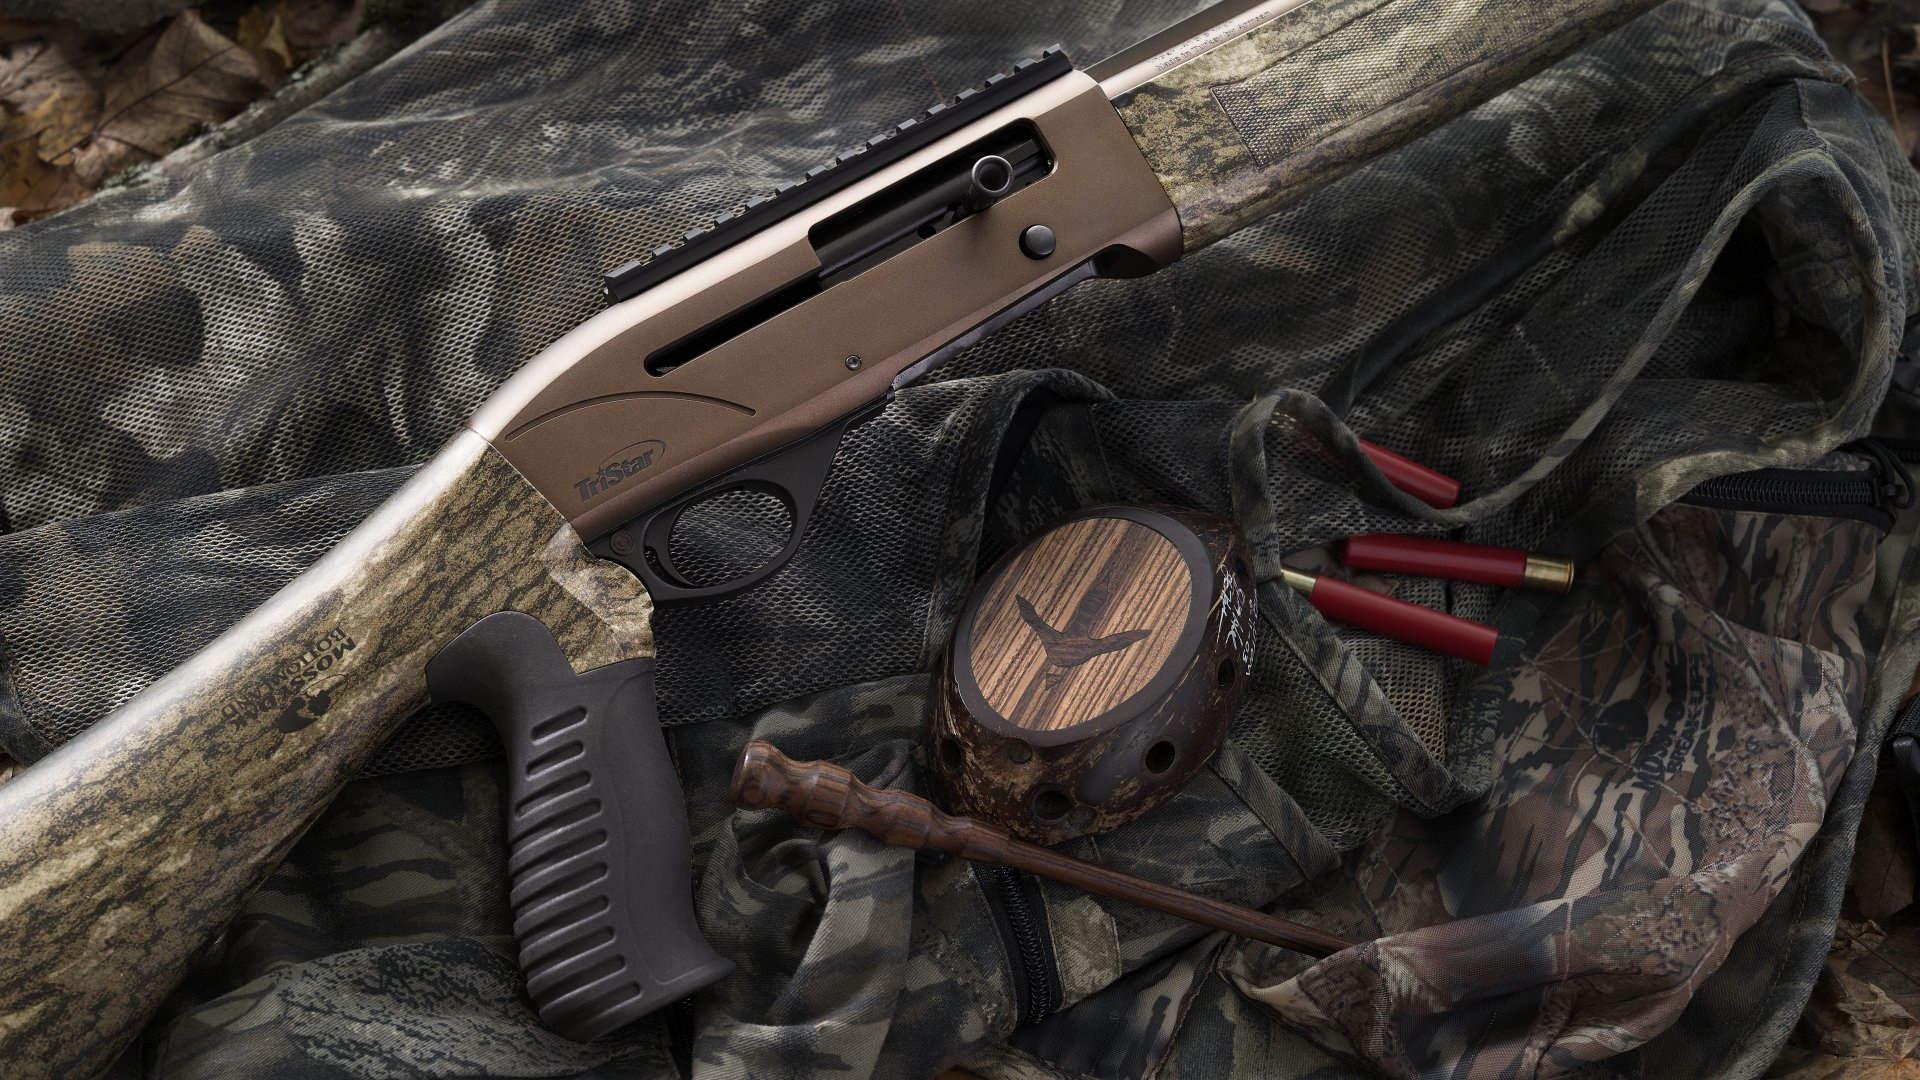 Viper G2 Camo Shotgun